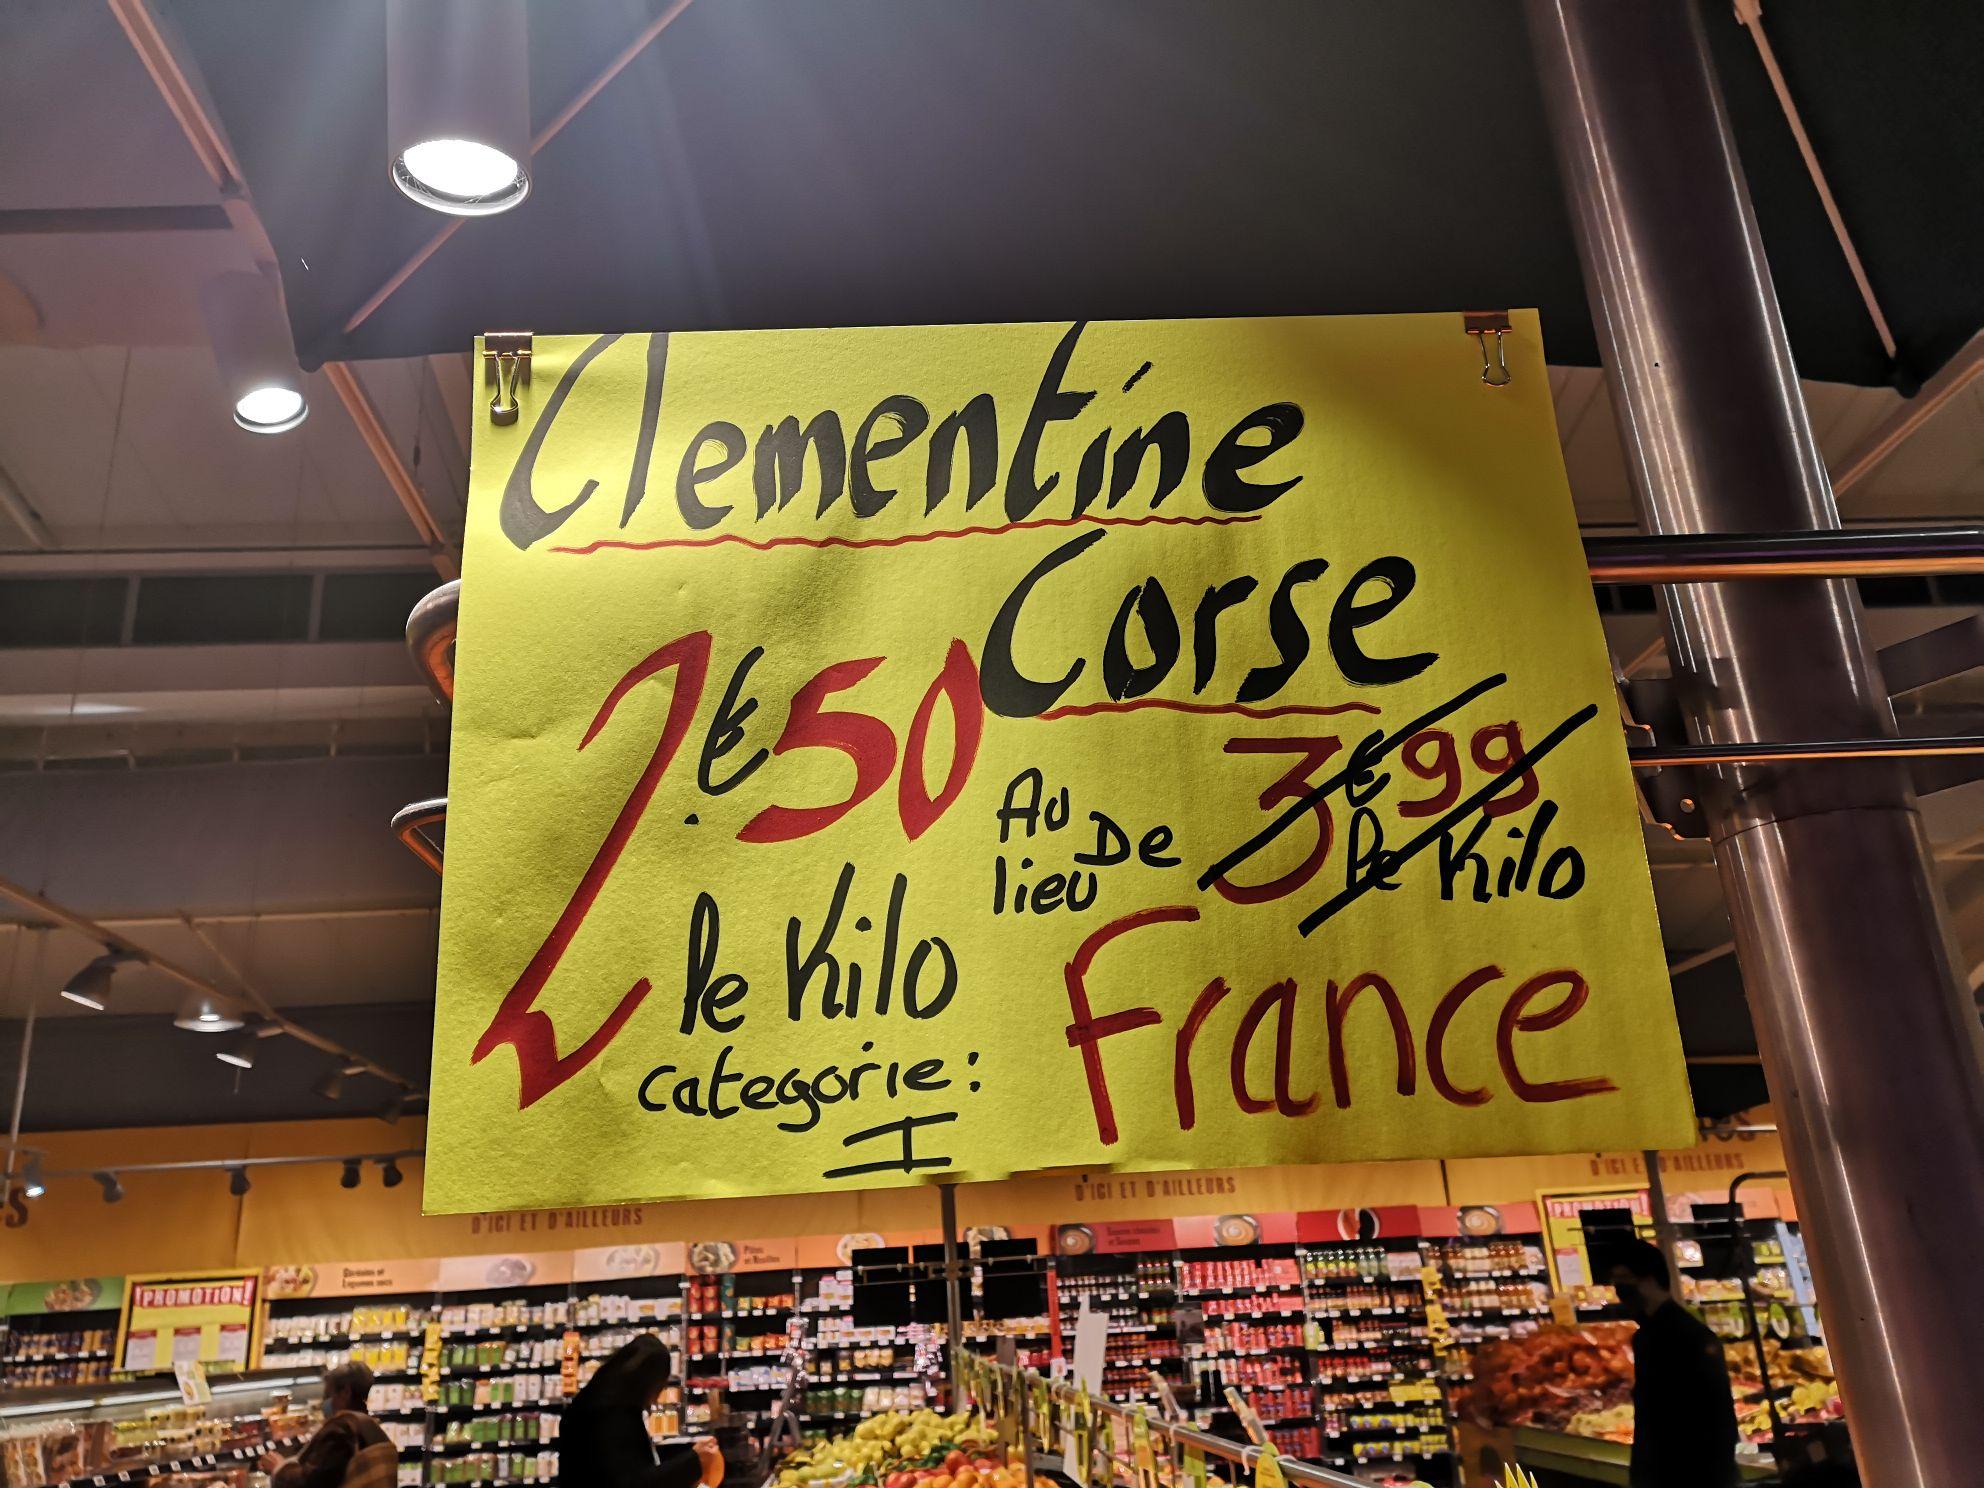 1 Kilo de Clémentine corse